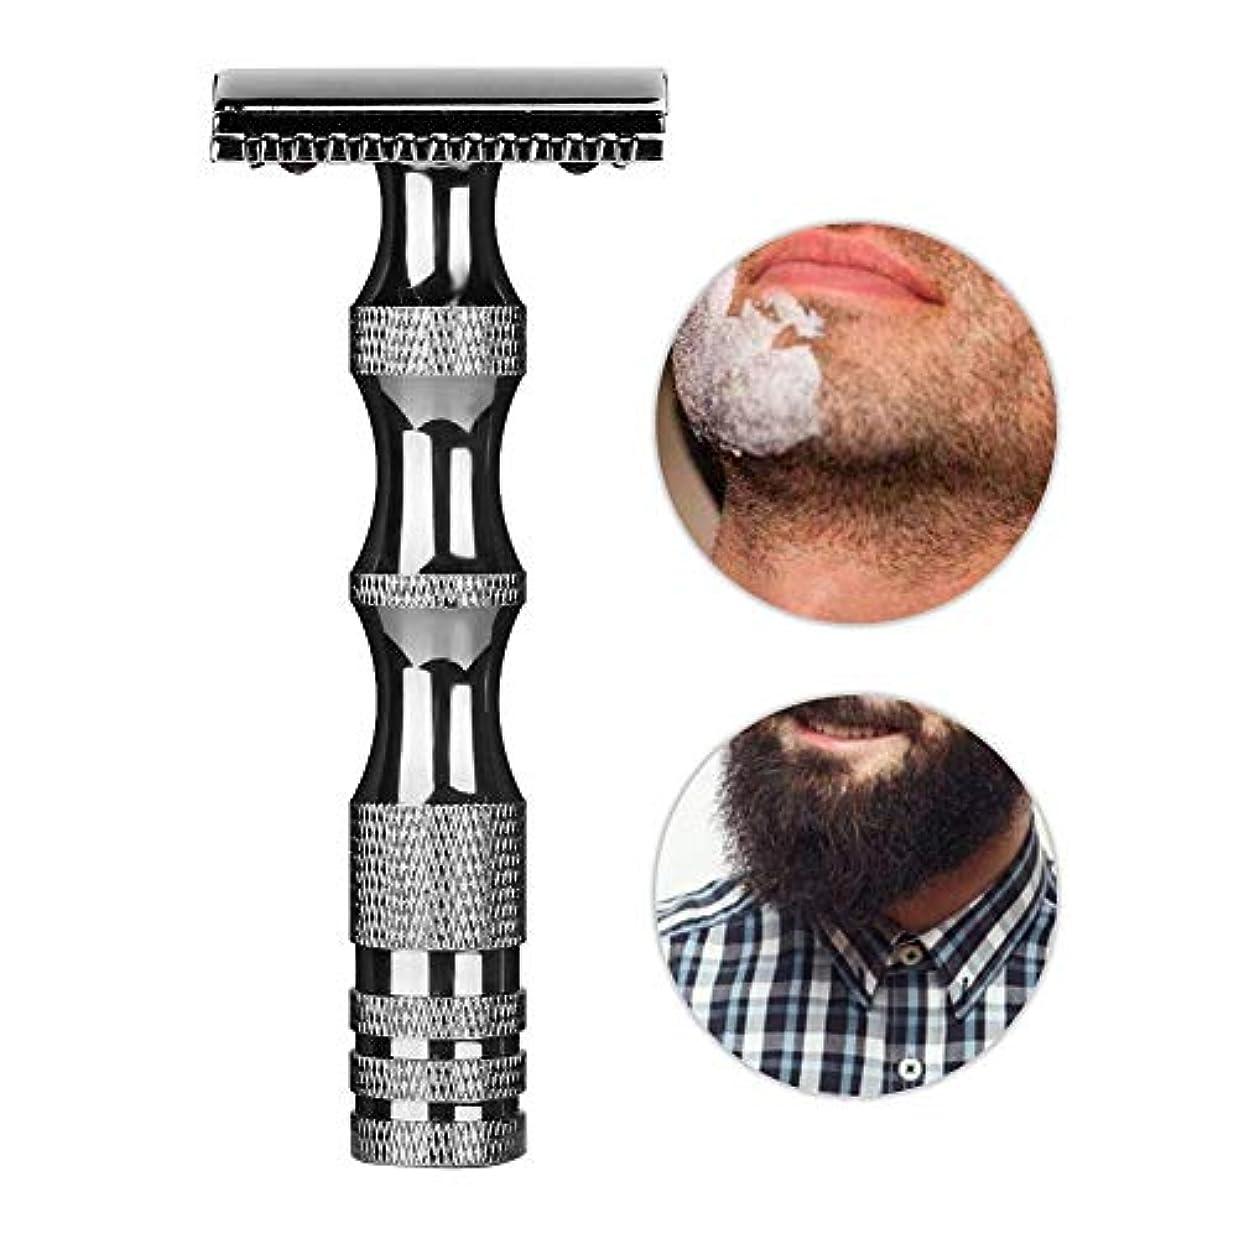 ワードローブ充実座る安全剃刀、クラシックメンズ滑り止めメタルハンドルデュアルエッジシェーバーヴィンテージスタイルメンズ安全剃刀、スムーズで快適な髭剃り(Dark Silver)